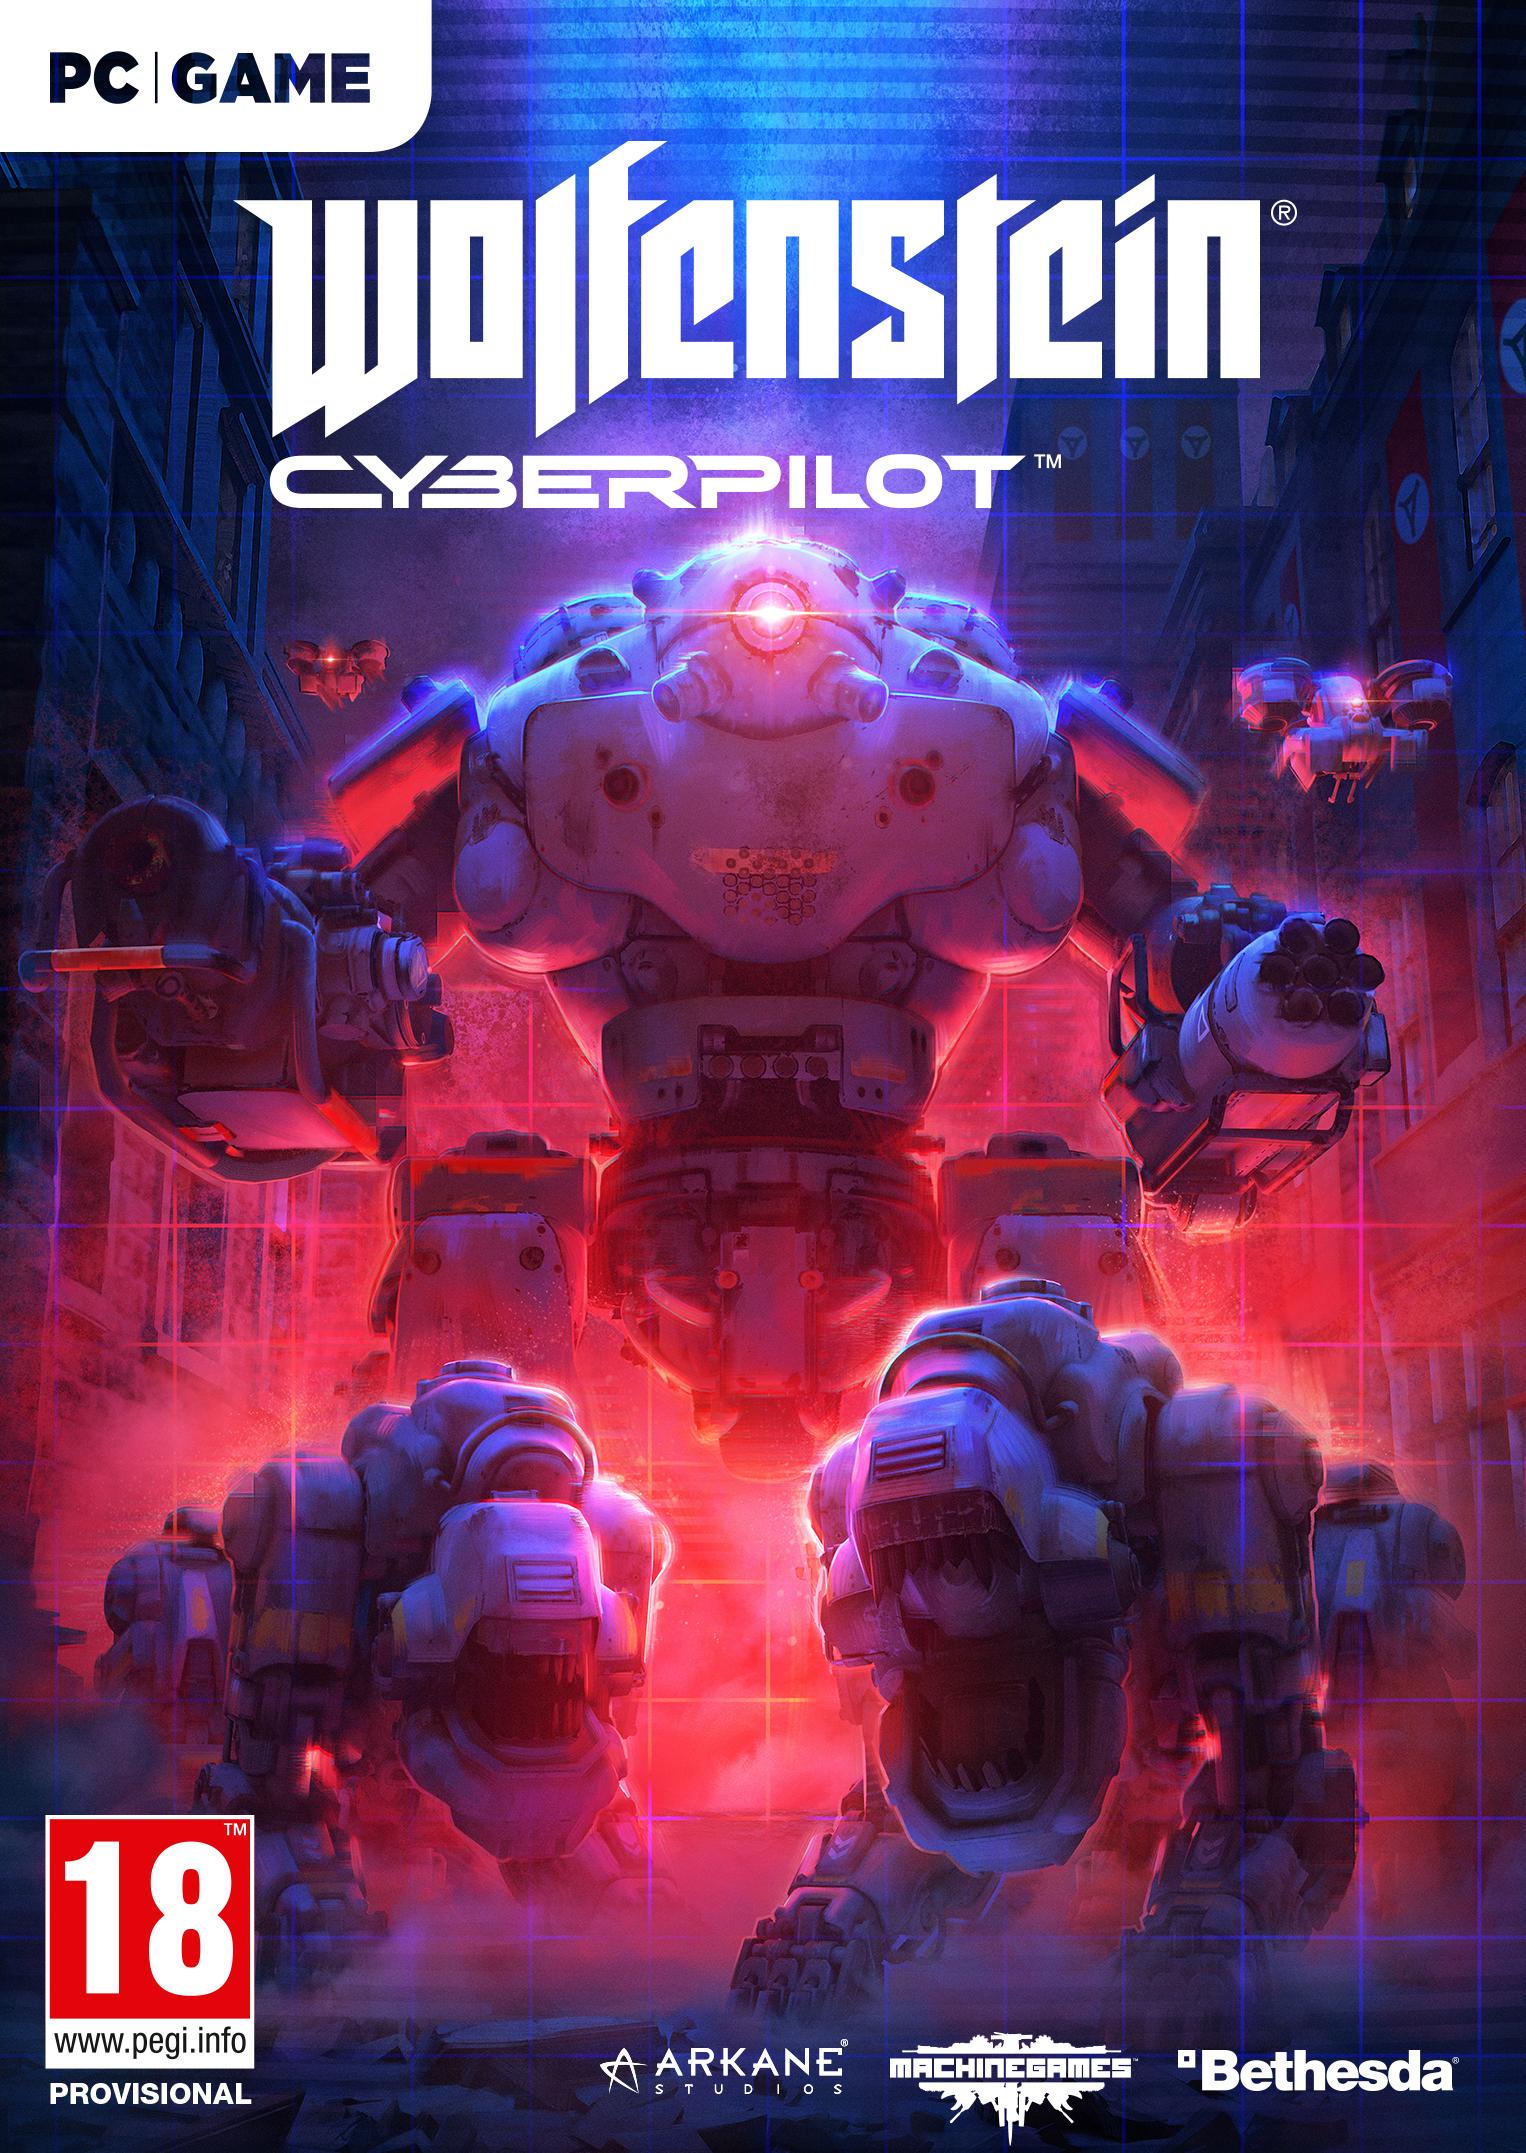 Wolfenstein: Cyberpilot VR (PC) Klíč Steam